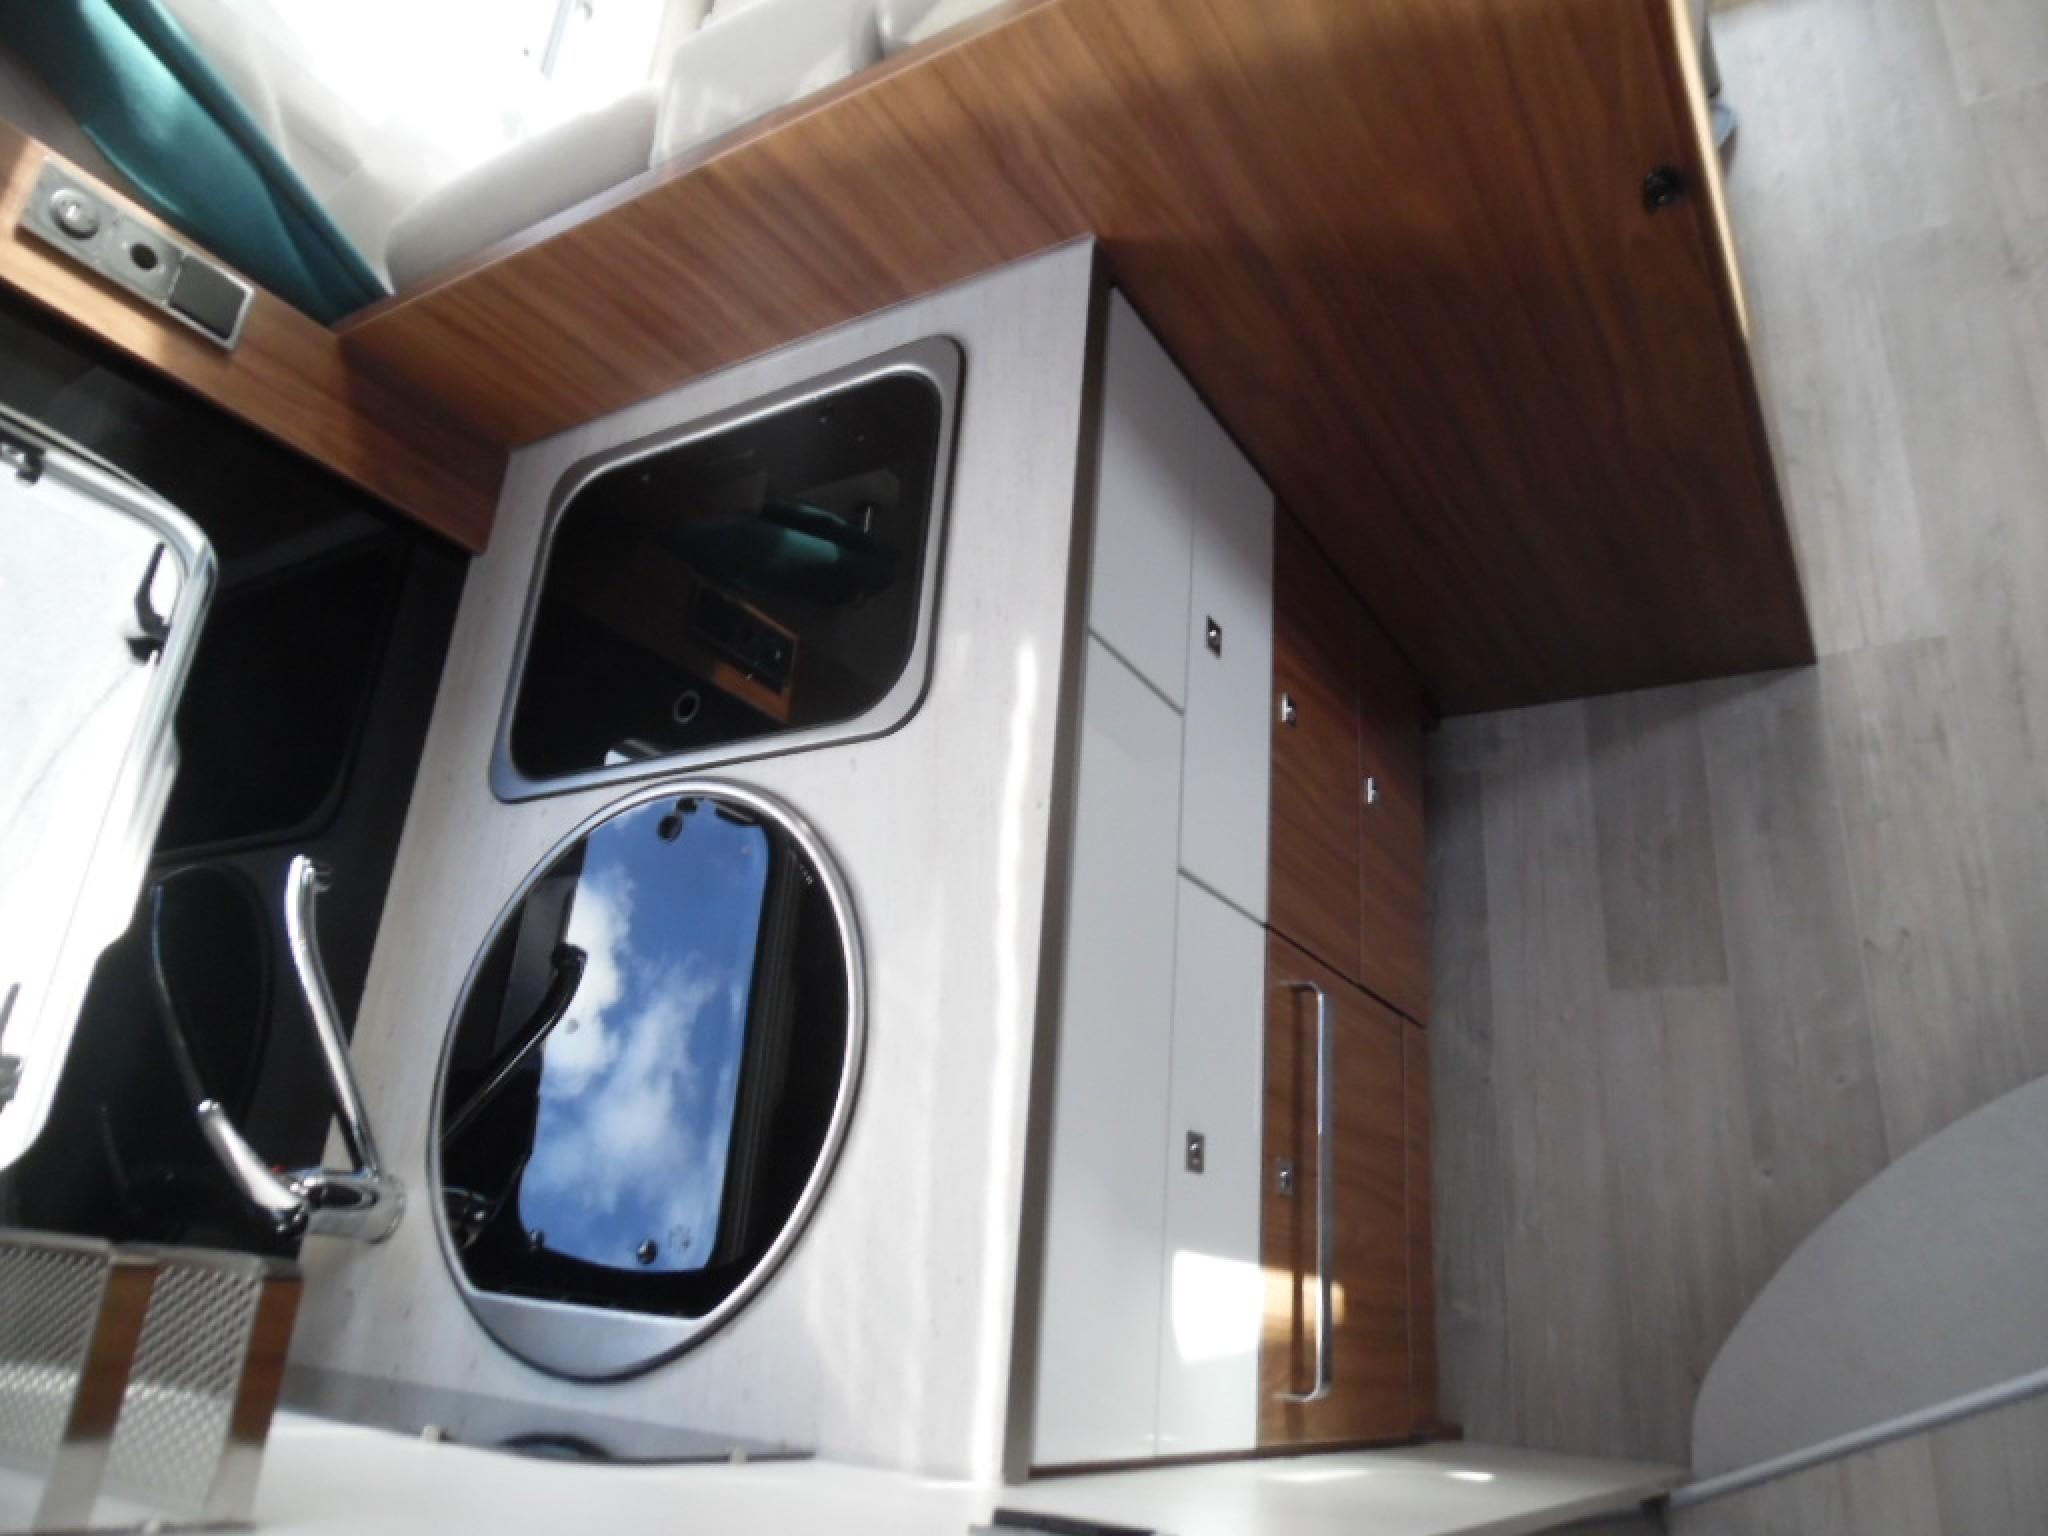 pilote p 706 occasion de 2016 fiat camping car en vente toulouse haute garonne 31. Black Bedroom Furniture Sets. Home Design Ideas